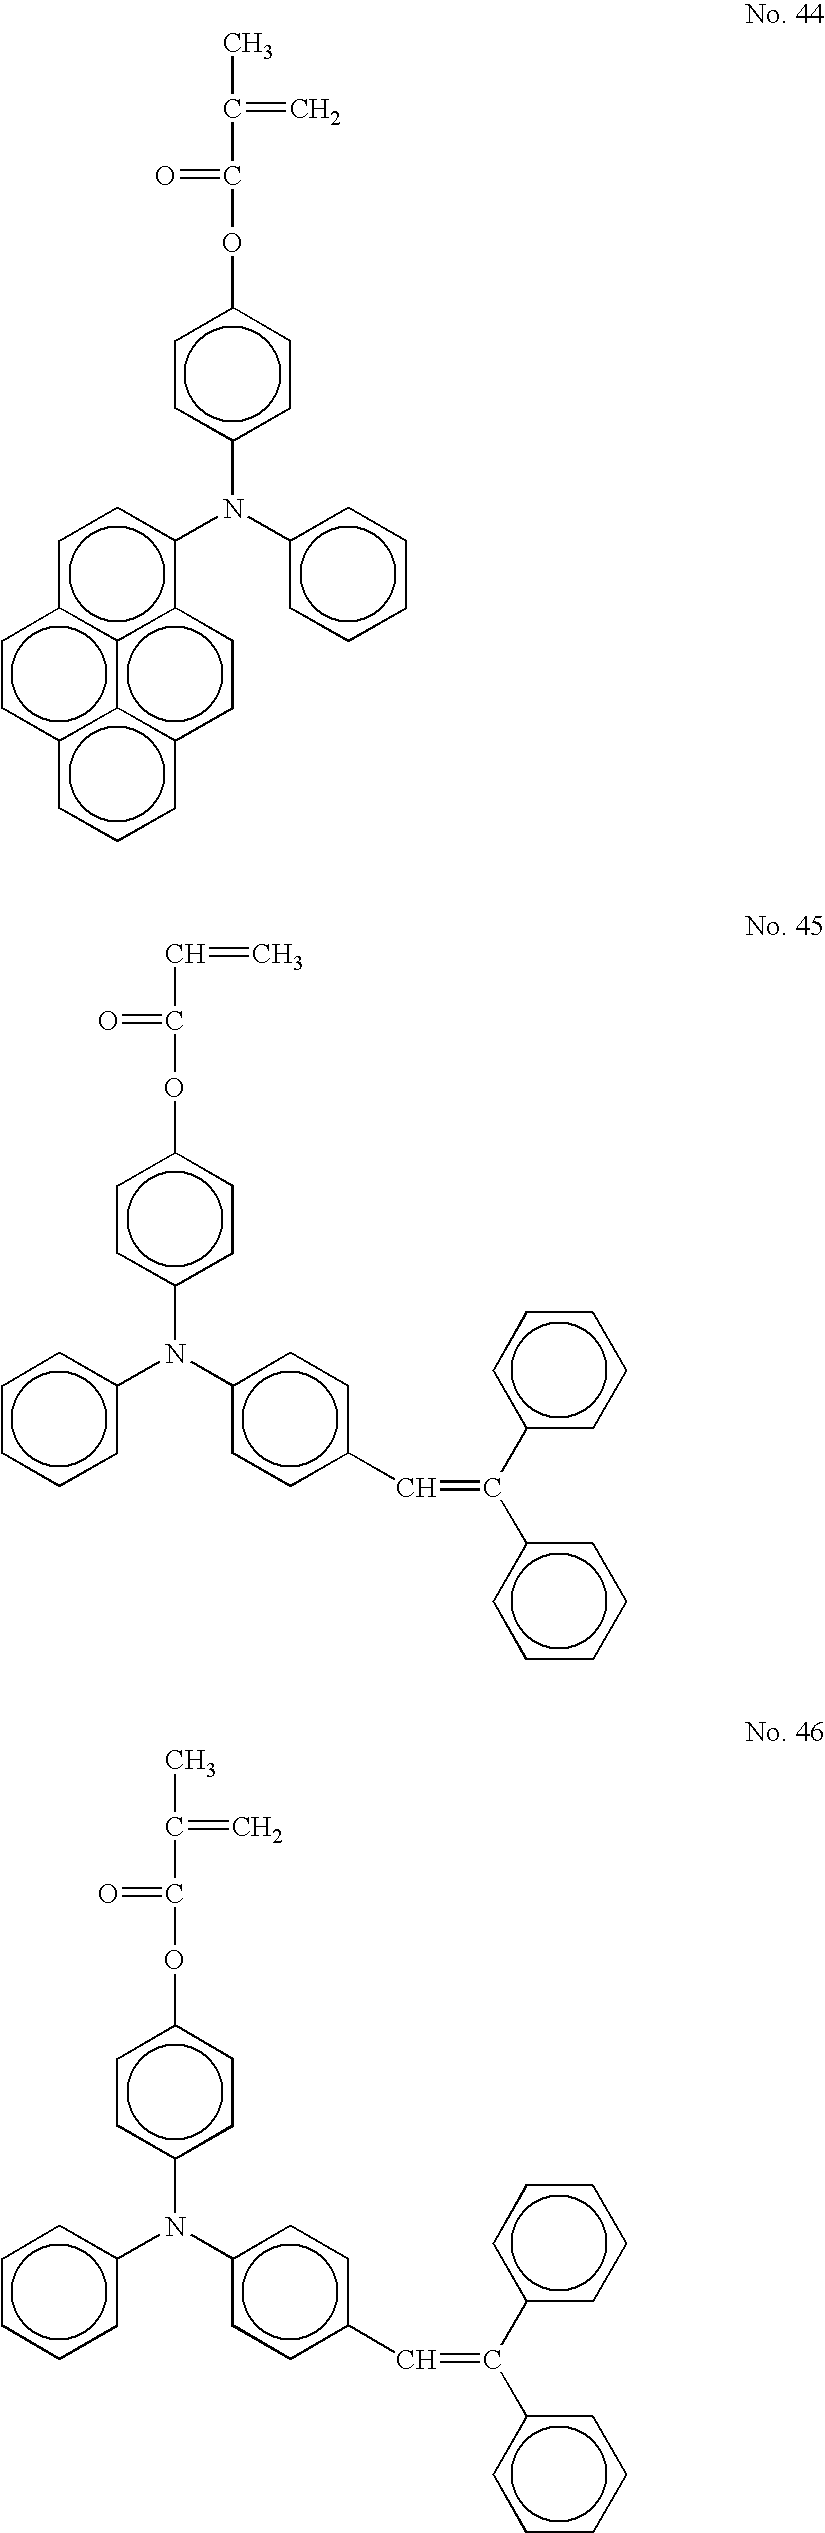 Figure US20060177749A1-20060810-C00031